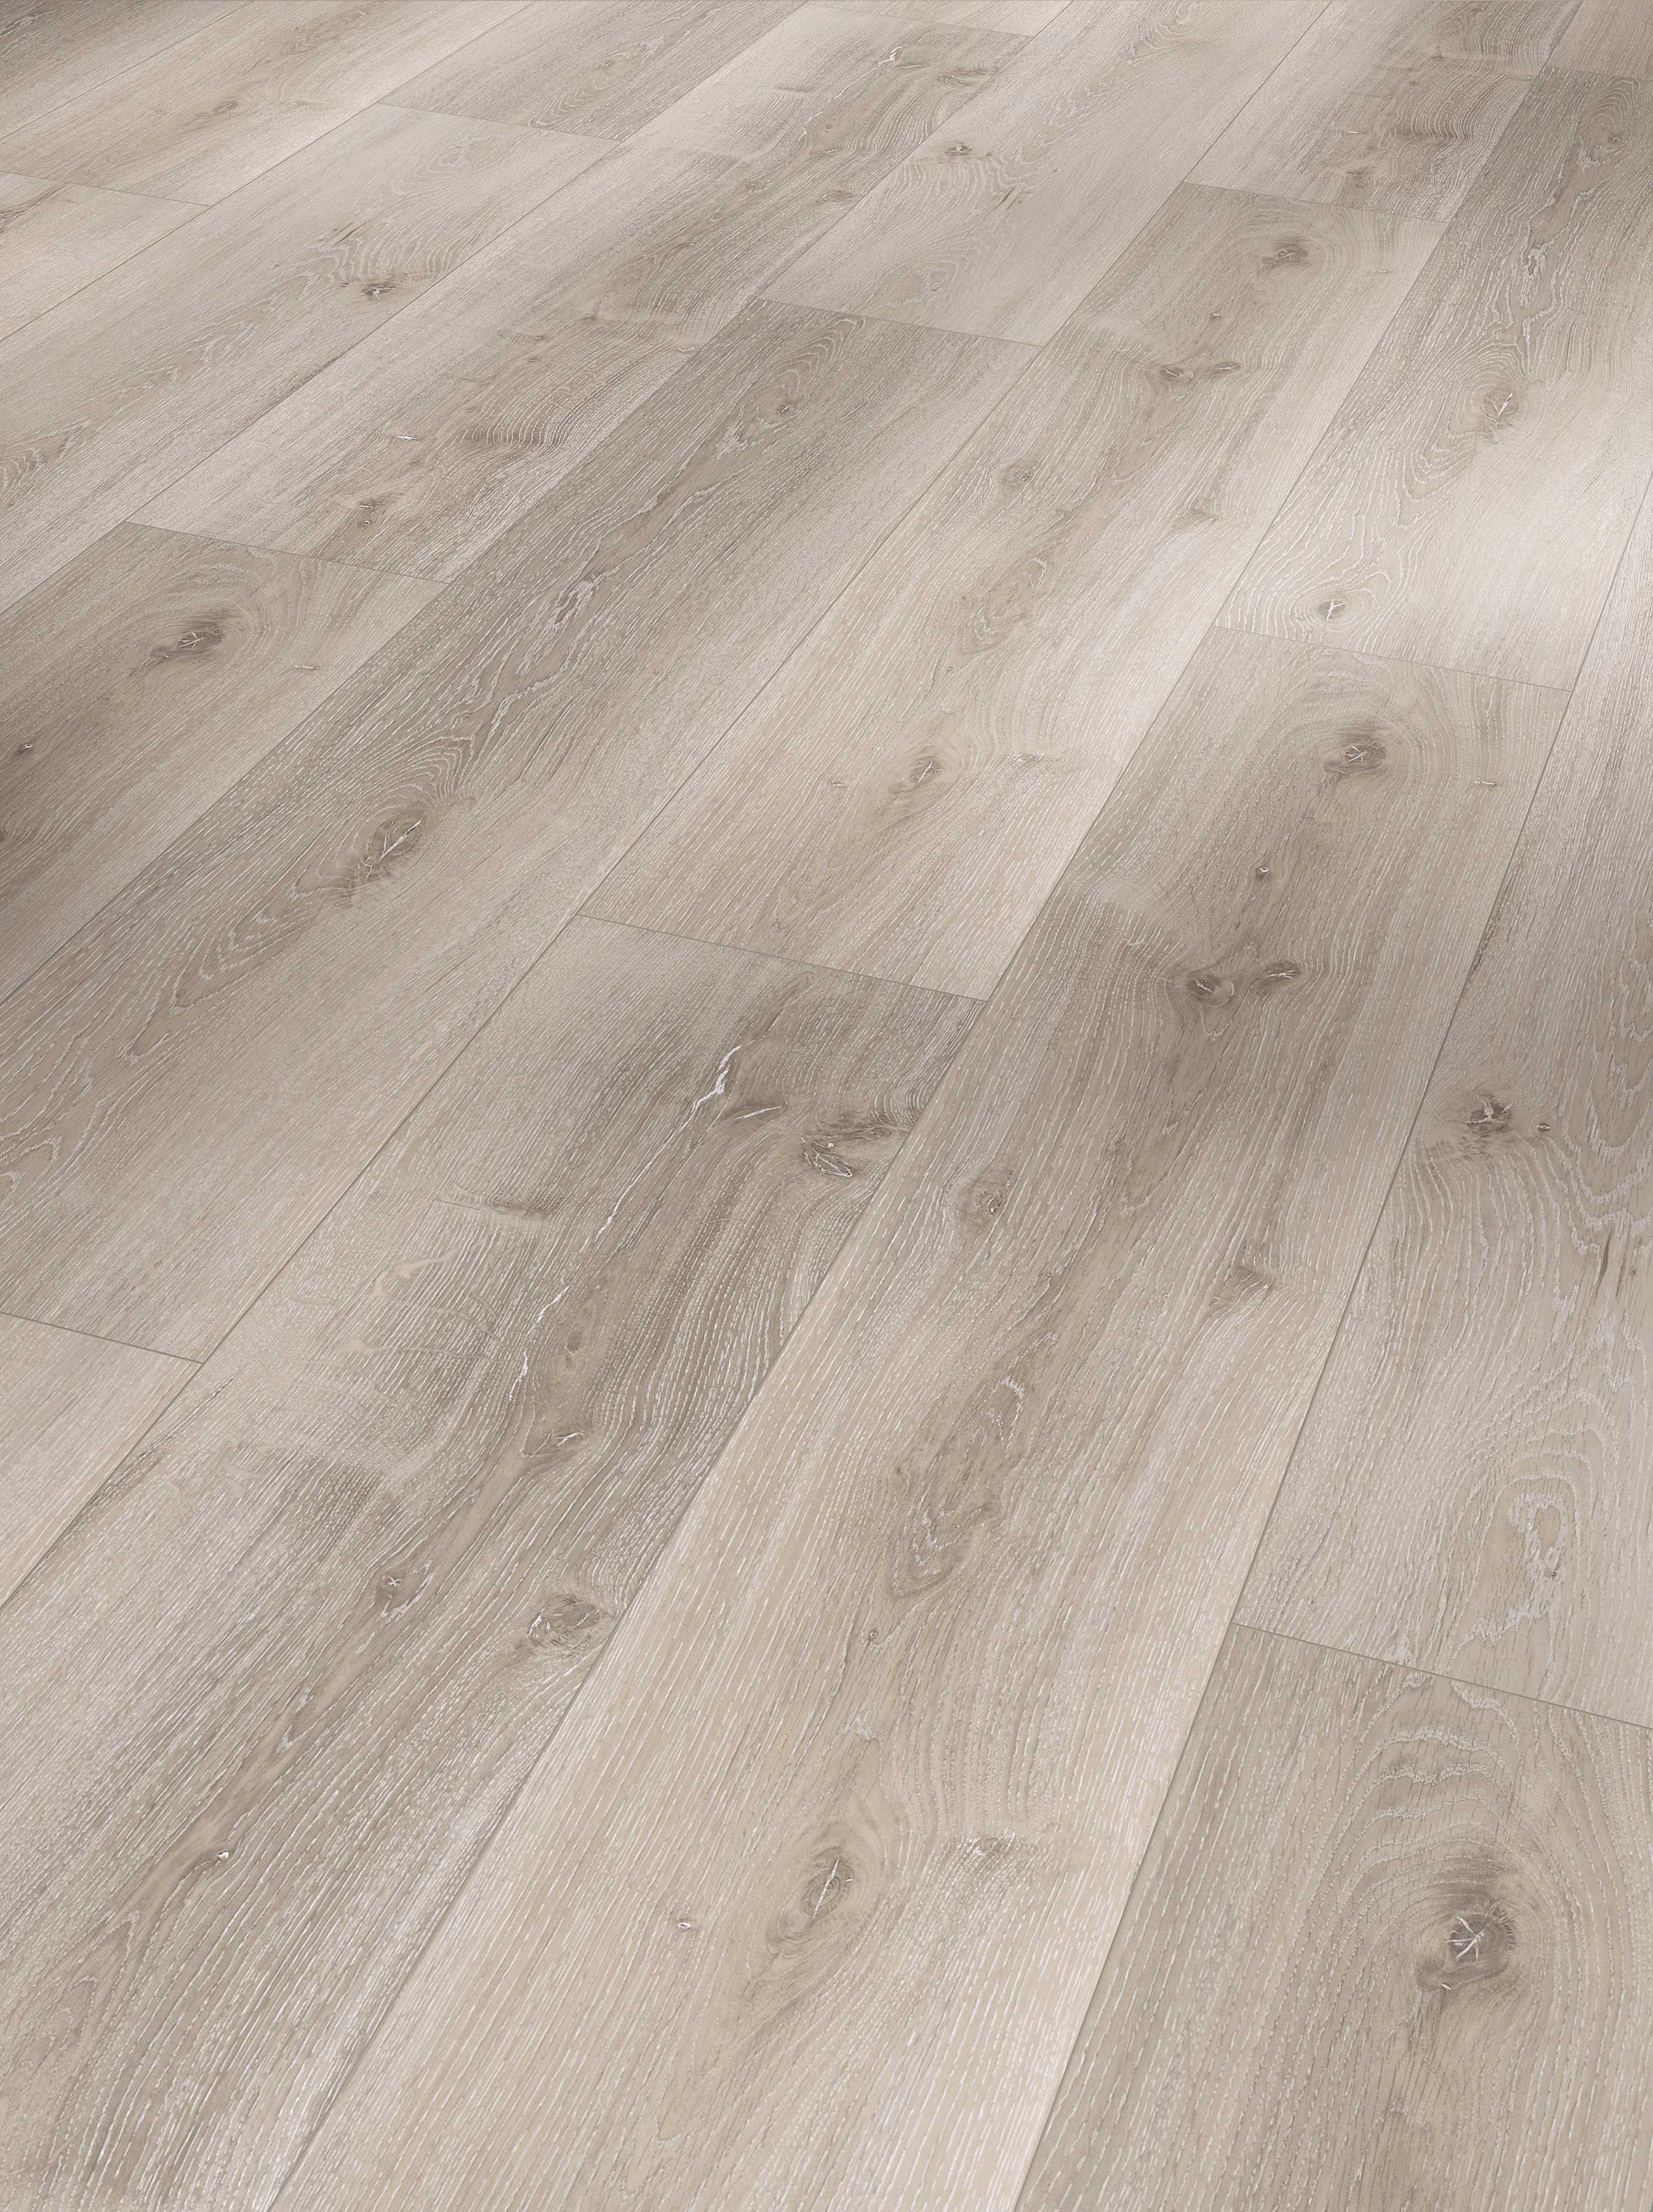 Badezimmer Jet Badezimmer Fliesenwohnzimmer Jet In 2020 Vinylboden Vinylboden Holzoptik Wohnzimmer Bodenbelag